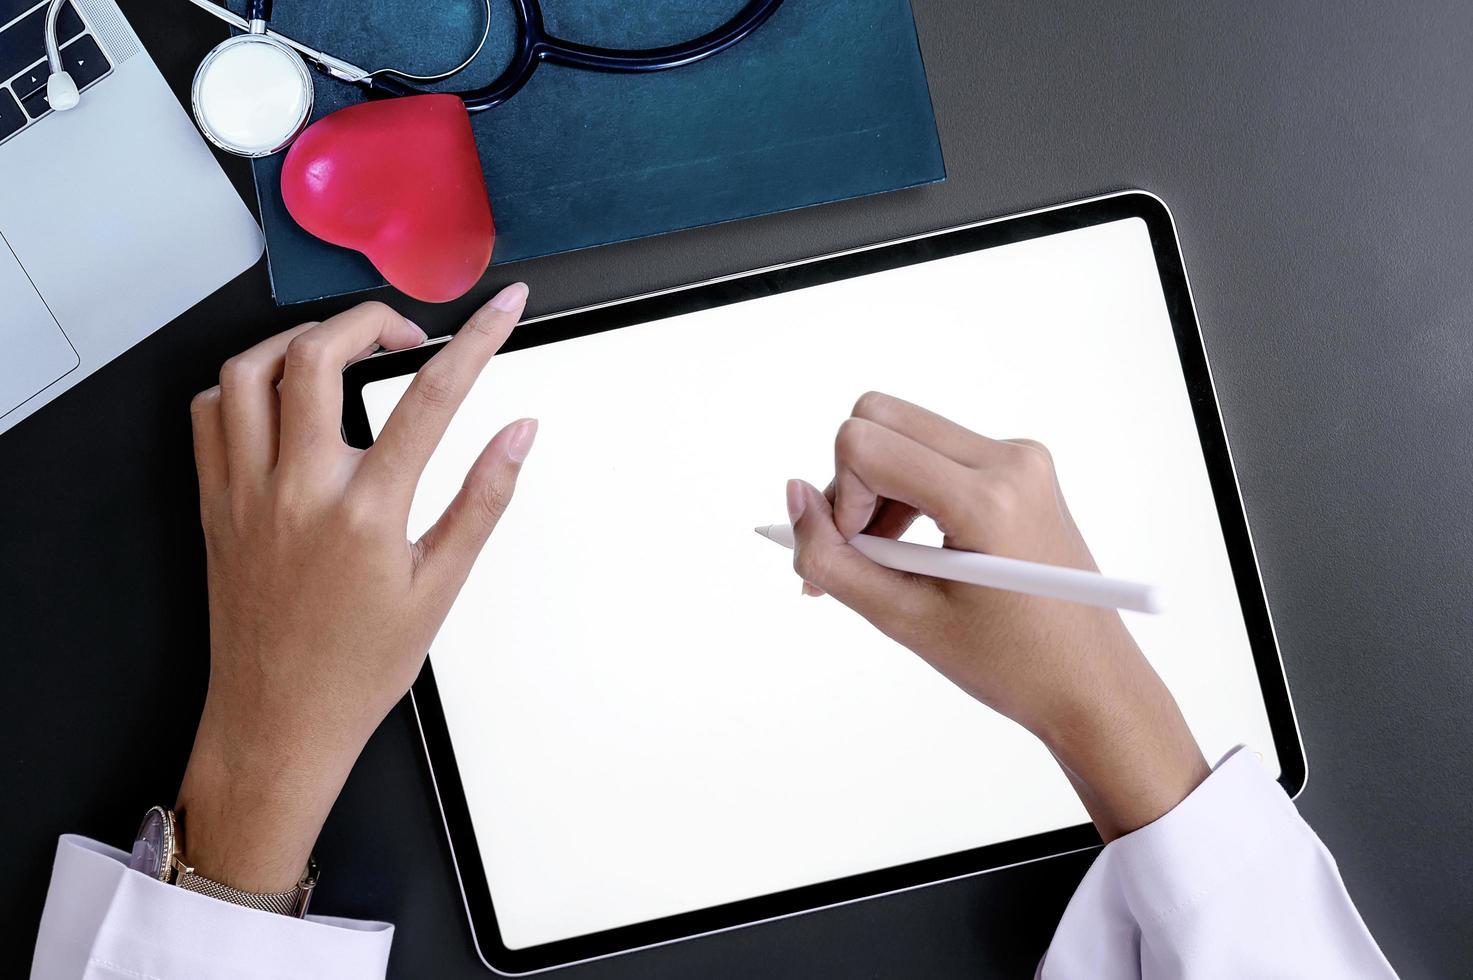 arts hand schrijven op tablet-scherm zittend aan een bureau. foto